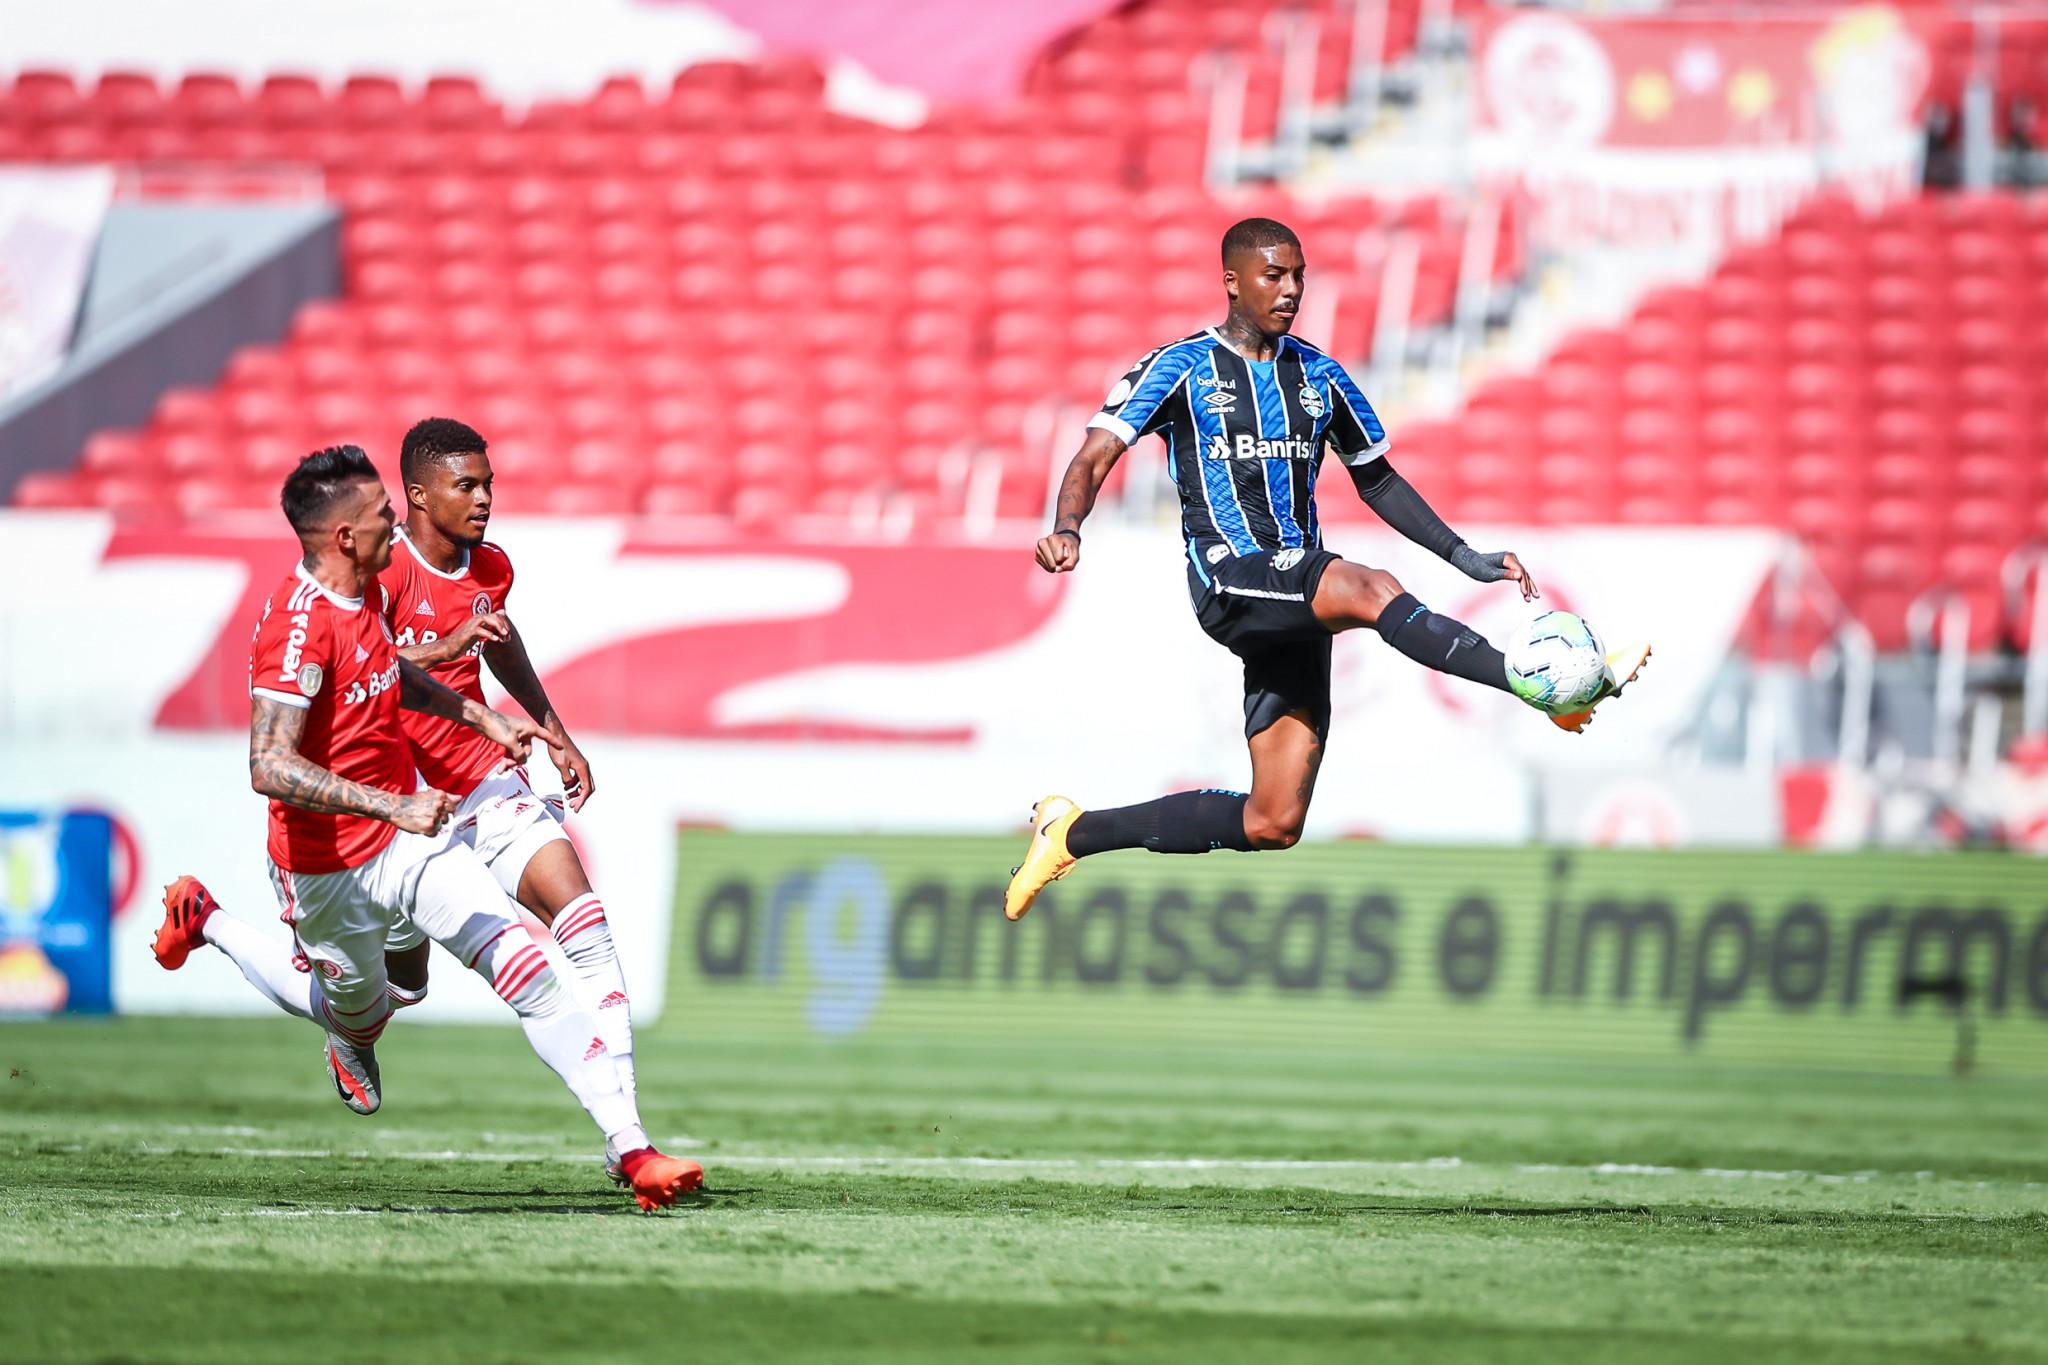 Inter vence Grêmio, encerra jejum e dispara na liderança